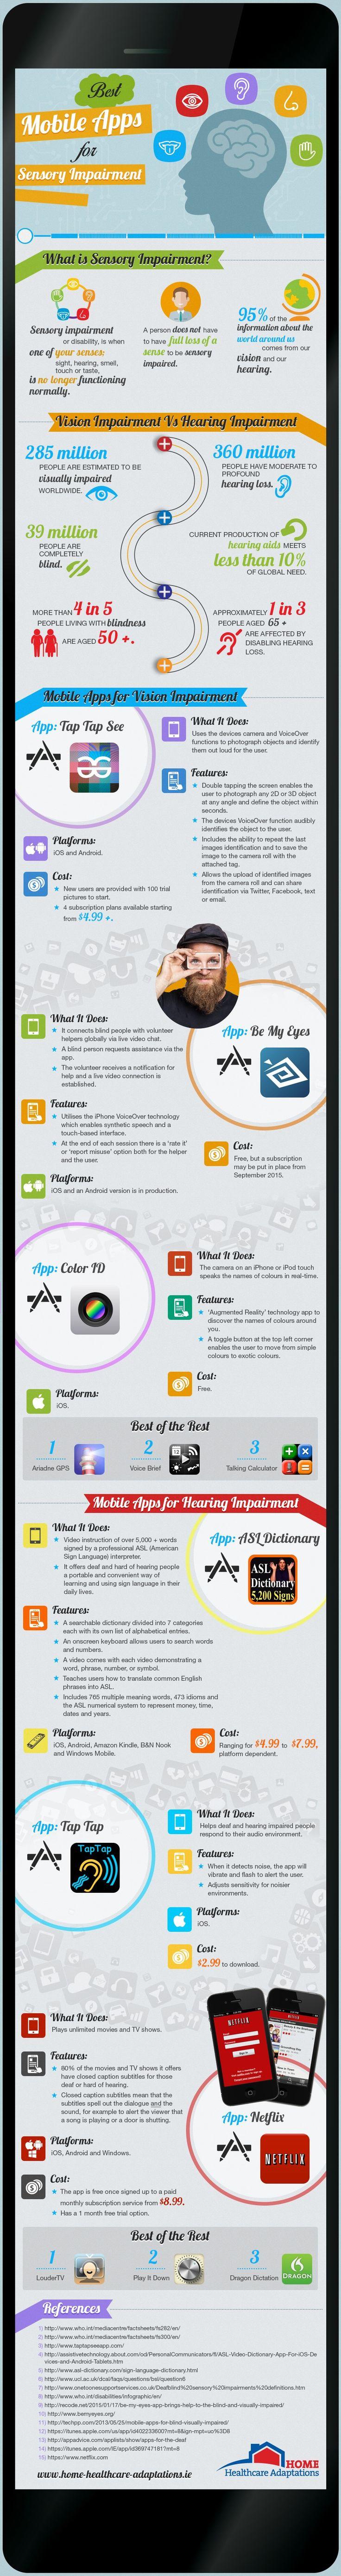 Best Mobile Apps for Sensory Impairment [Infographic] - Hongkiat